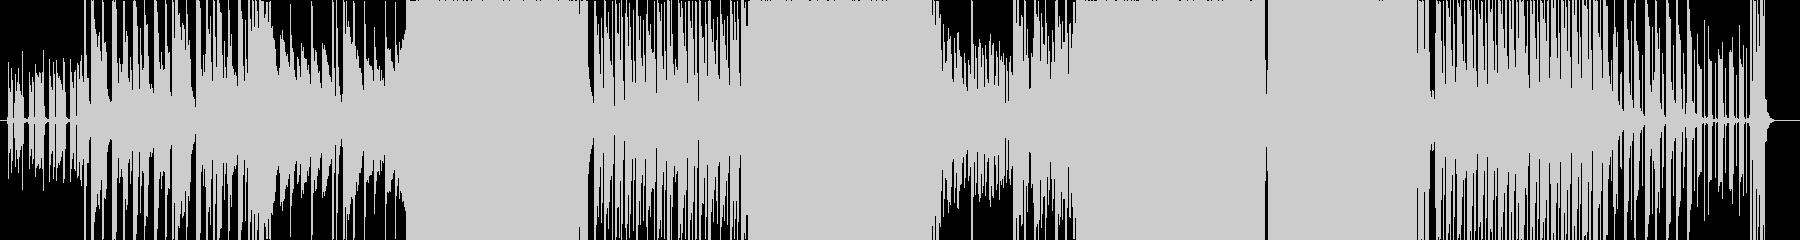 阿弥陀ワルツの未再生の波形